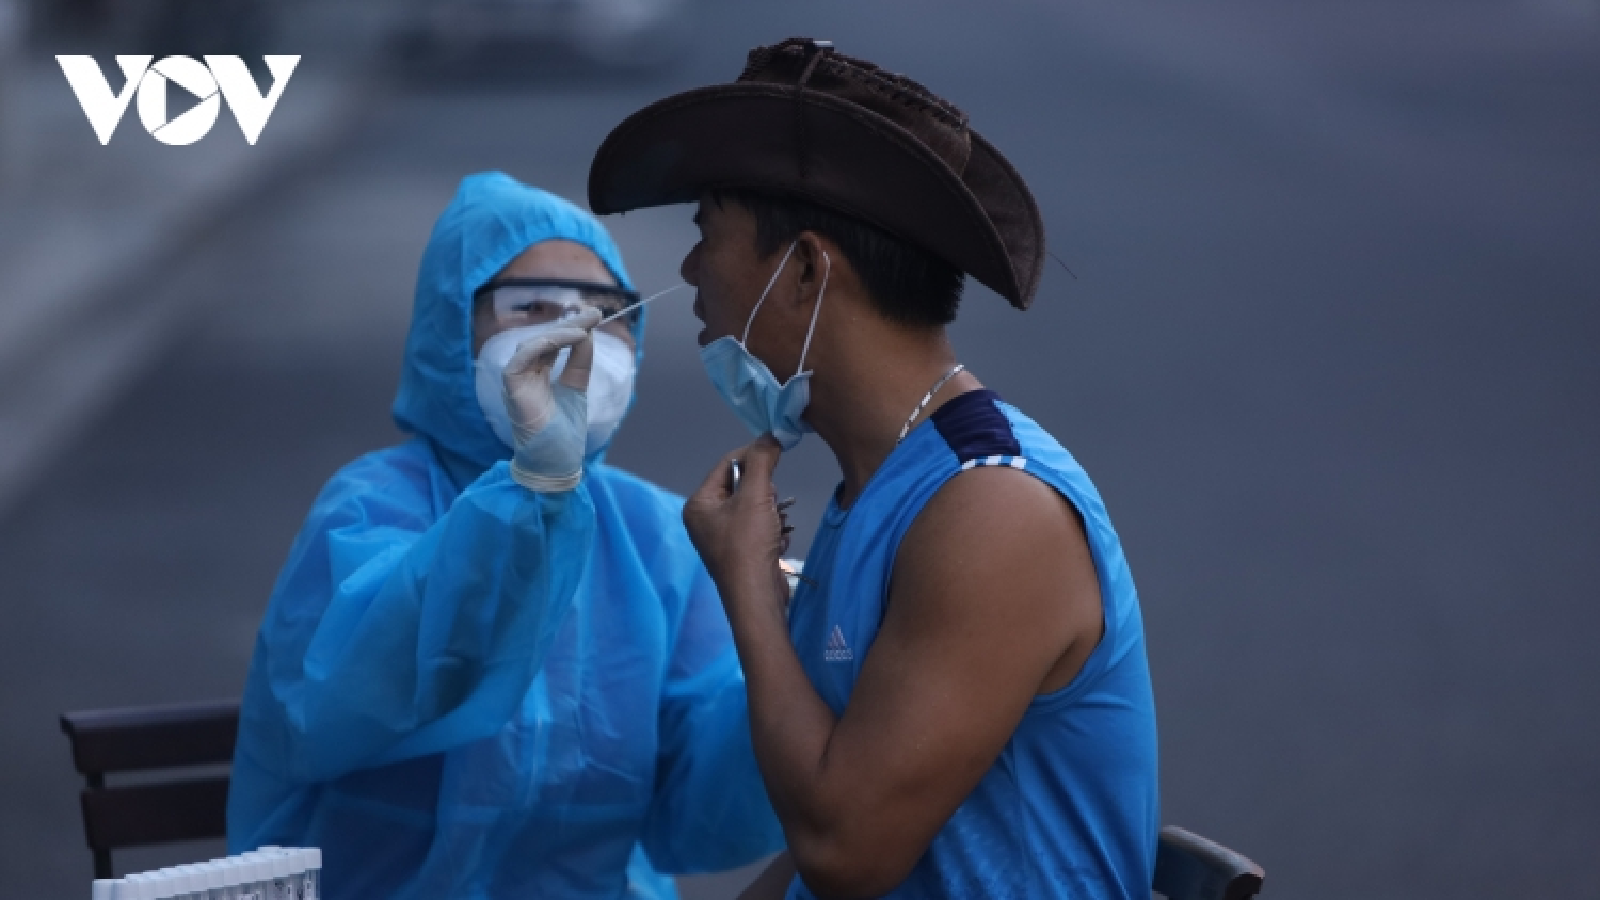 Hơn 230 trường hợp liên quan đến bệnh nhân ở Khánh Hòa âm tính lần 1 với SARS-CoV-2